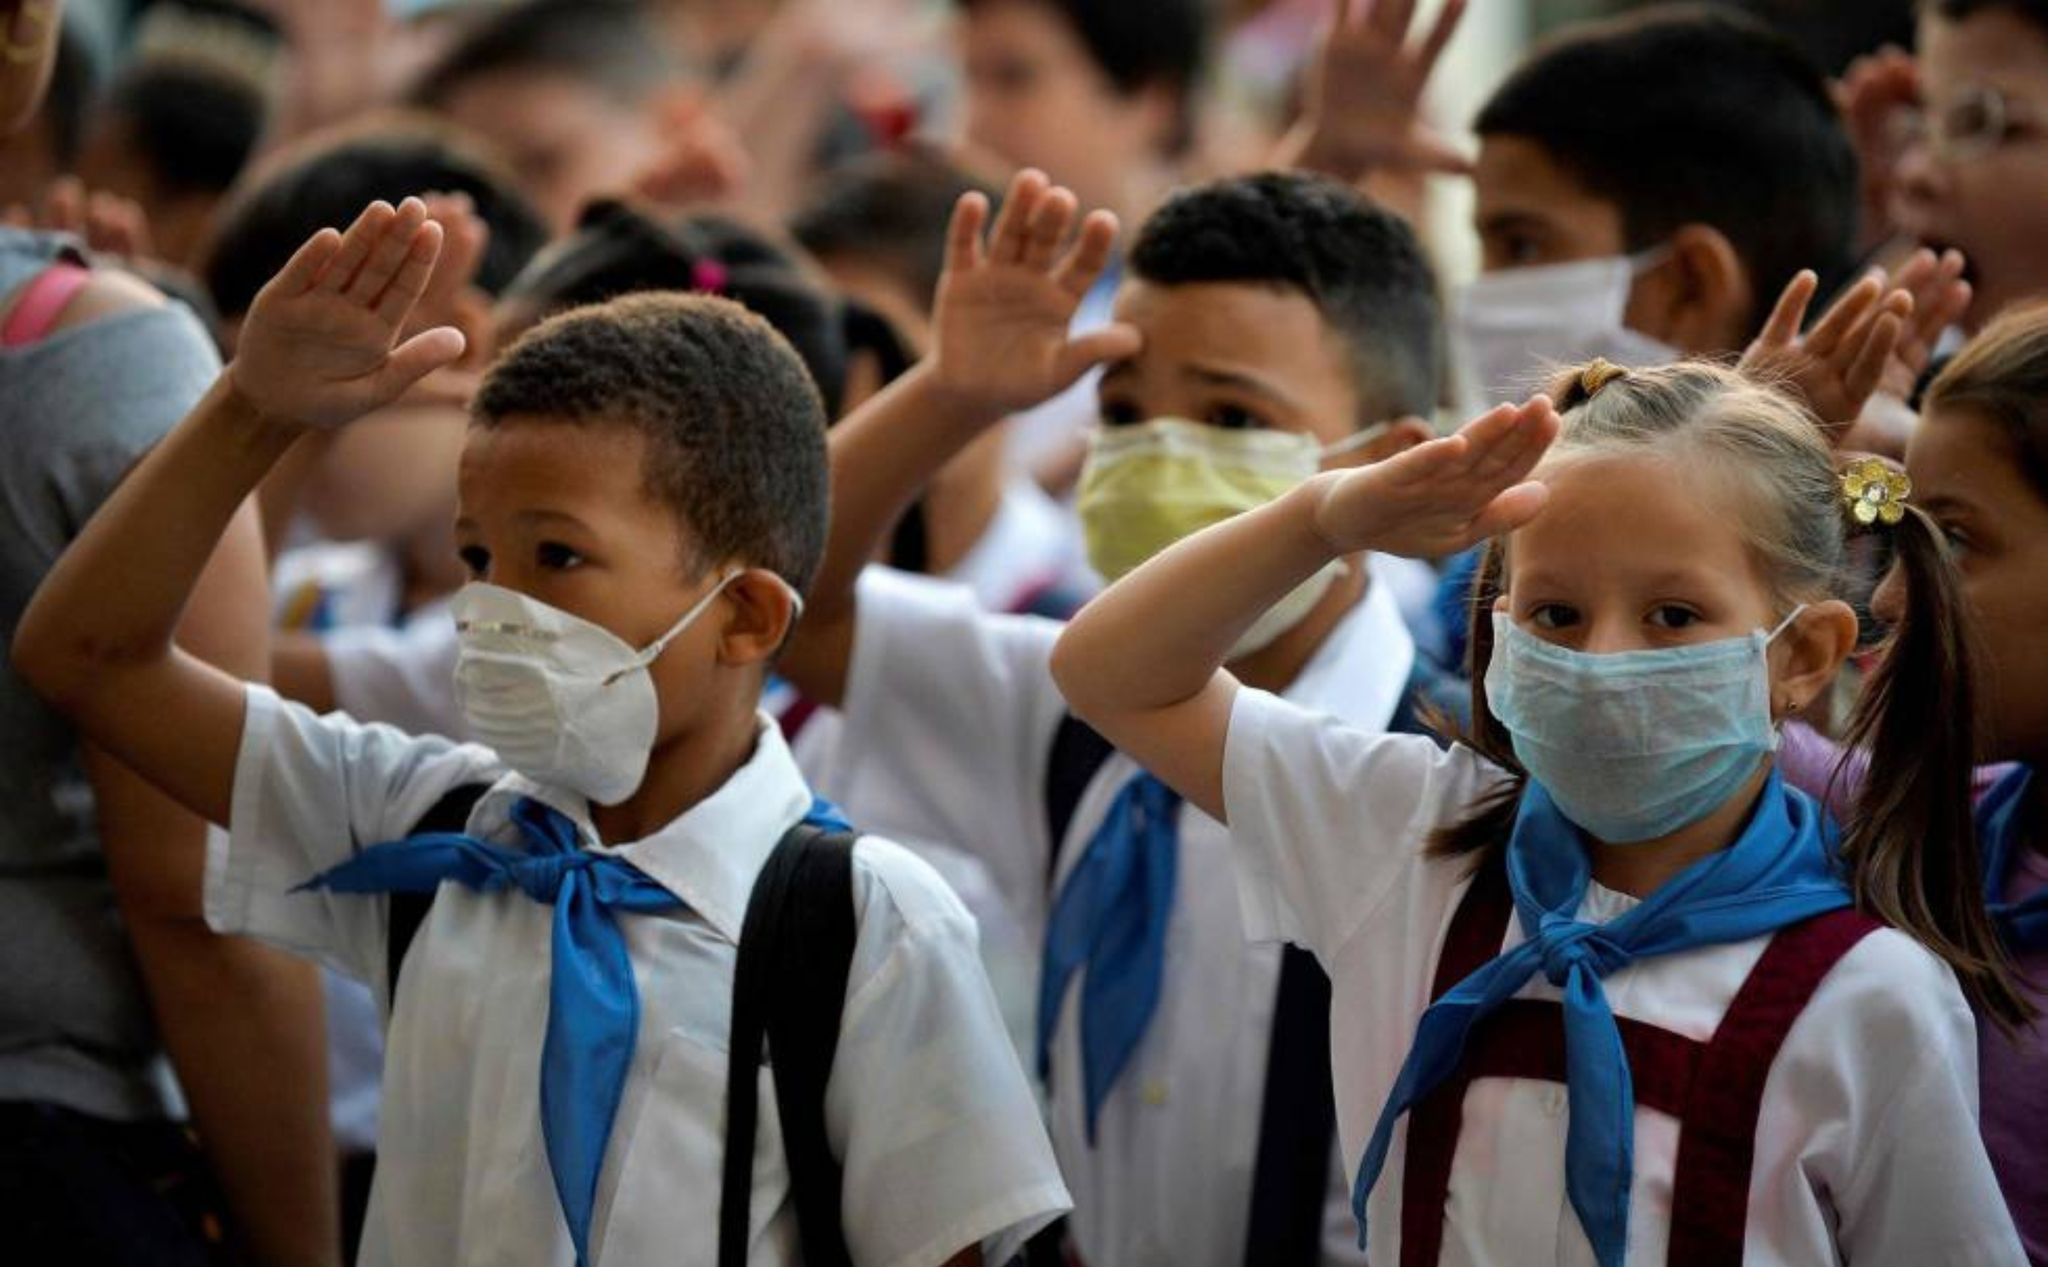 Coronavirus hoy: Coronavirus en Colombia: resumen de las noticias, contagios y muertes de COVID-19 durante el 15 de mayo 5